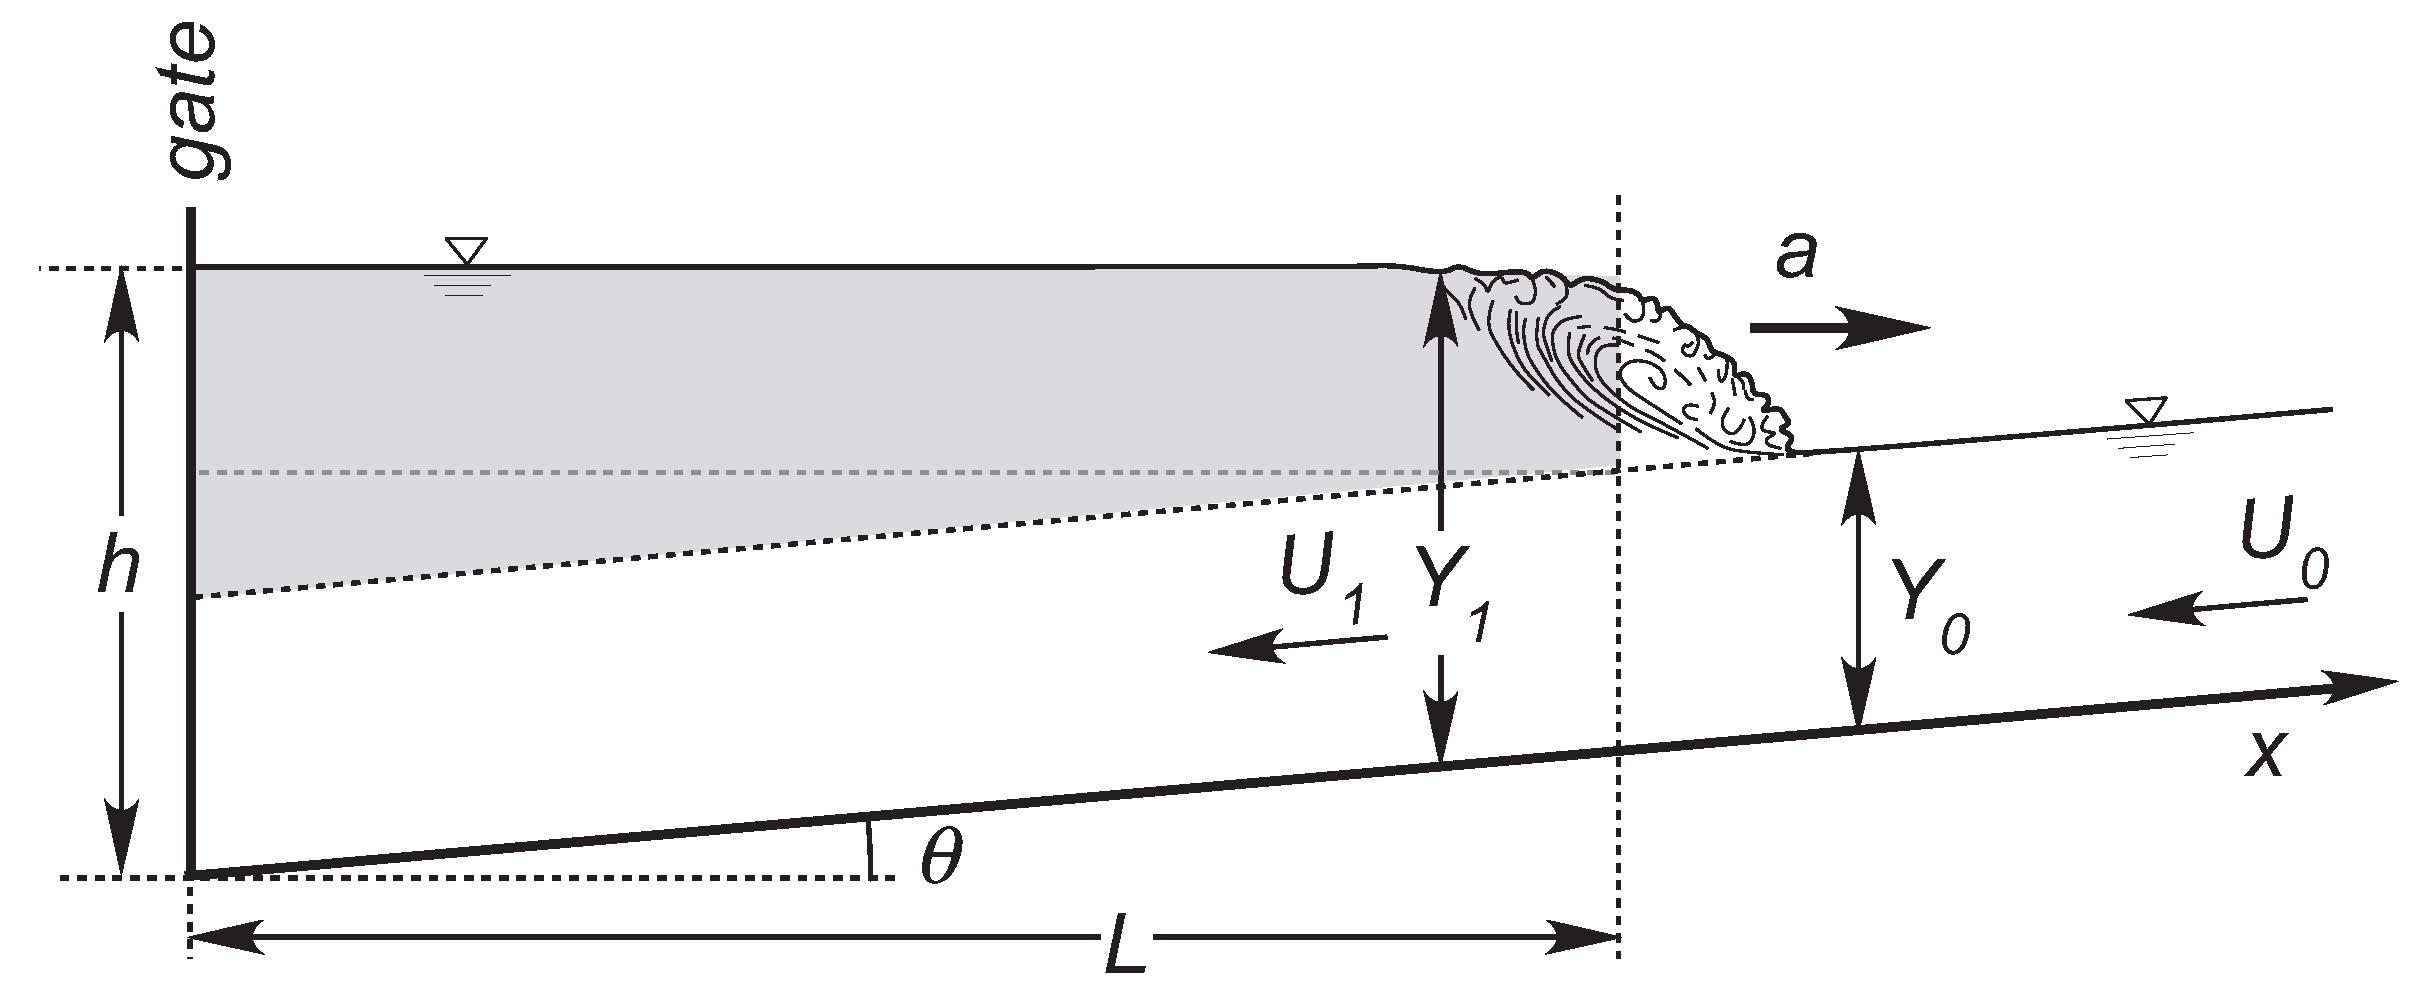 surge wave velocity formula